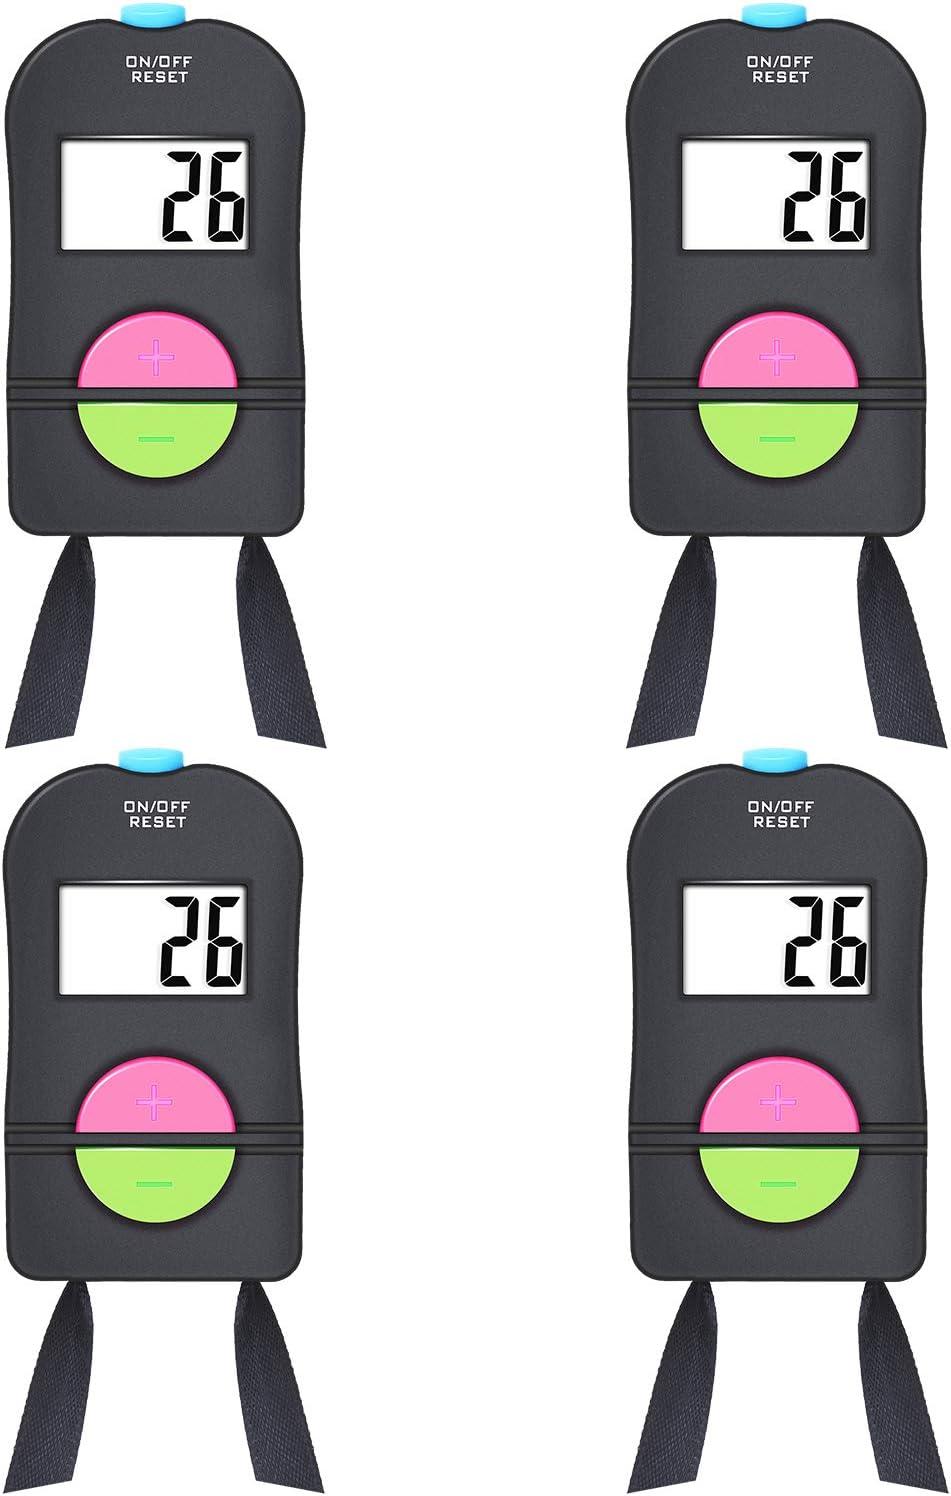 4 Piezas Contadores Digital de Conteo Manual Contador de Deportes de Golf Clicker Manual de Sustraer Añadir Añadir Contador de Clic de Número Mecánico de Mano con Cordón de Cuello